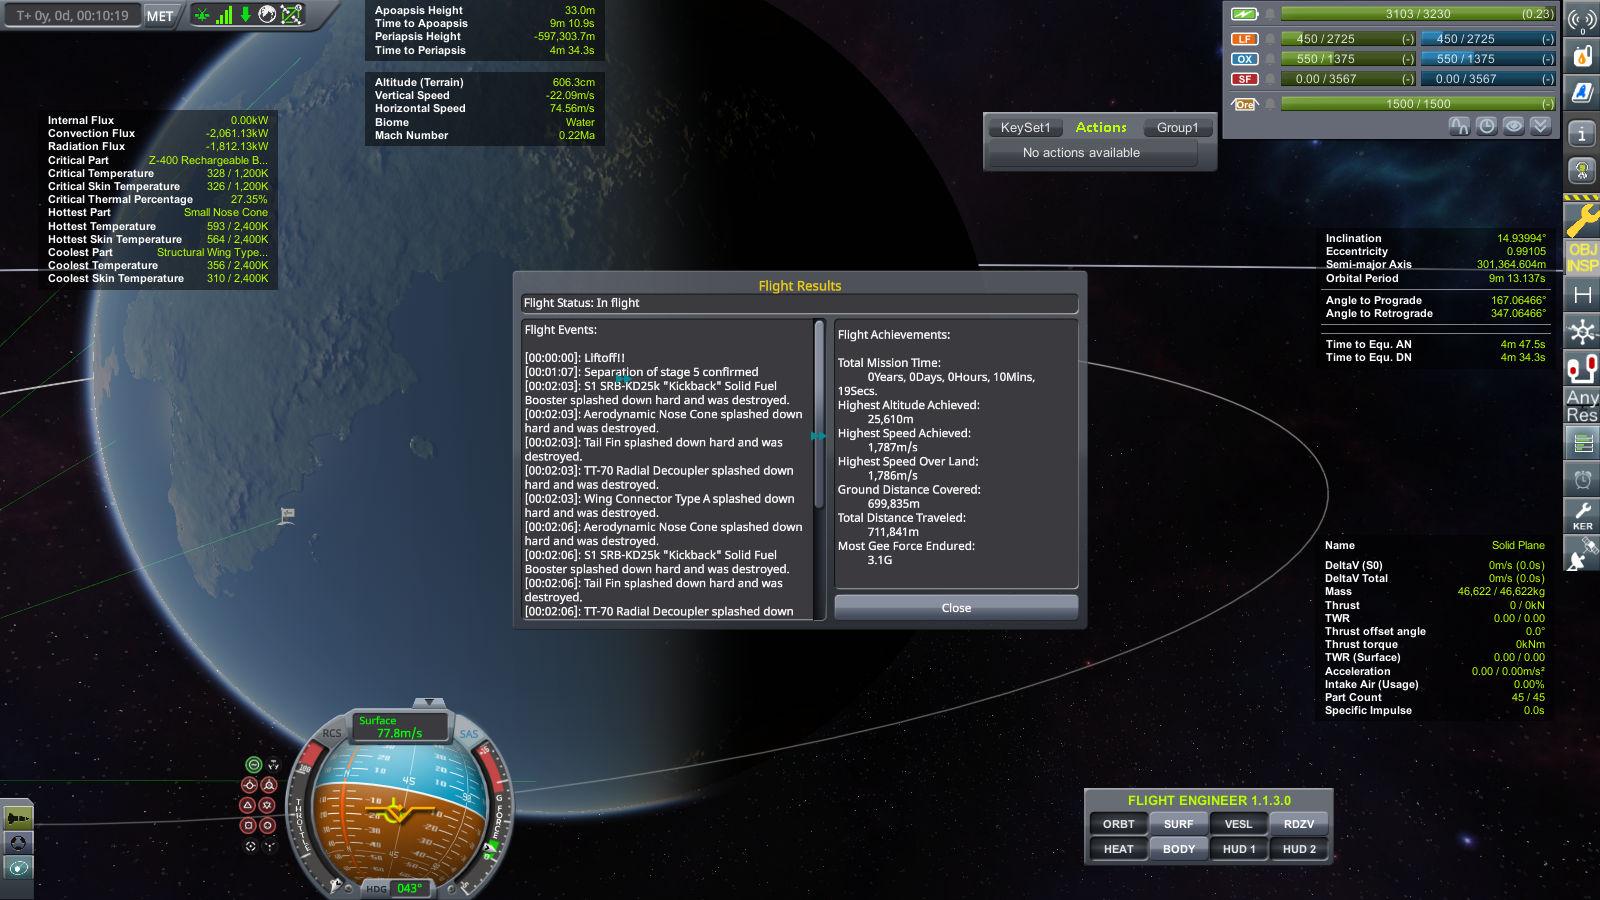 Honeyview_screenshot612.jpg